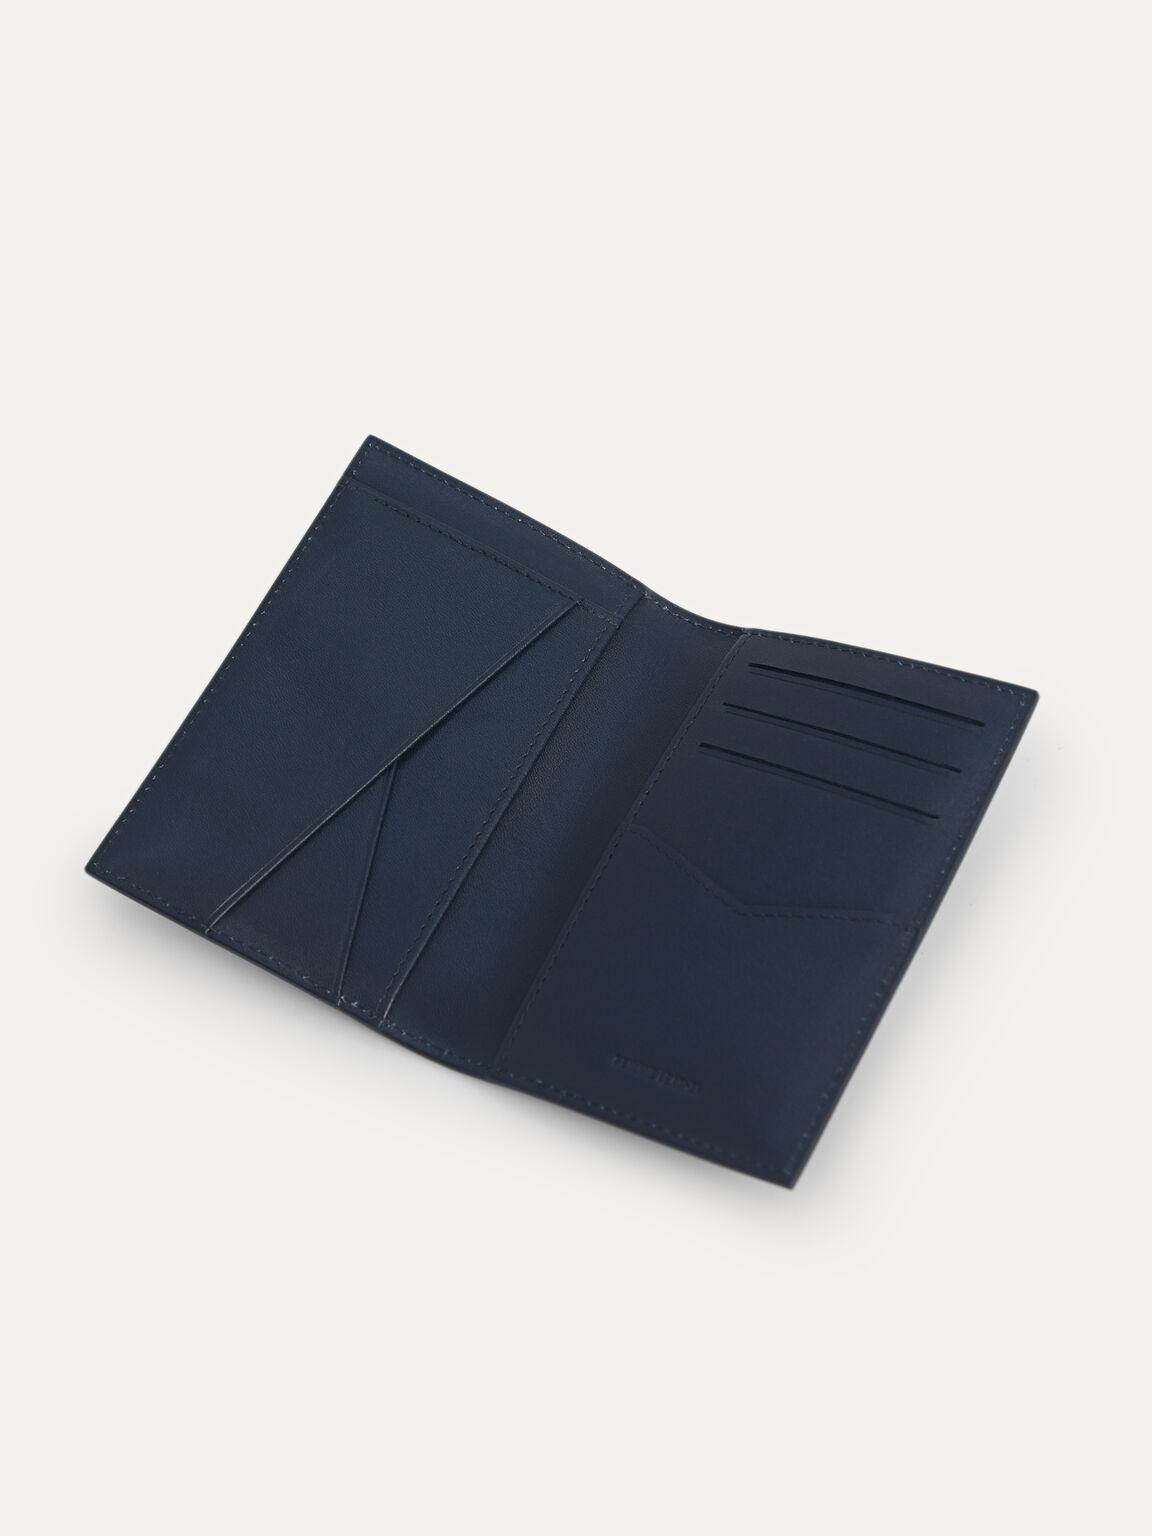 Textured Leather Bi-Fold Card Holder, Navy, hi-res